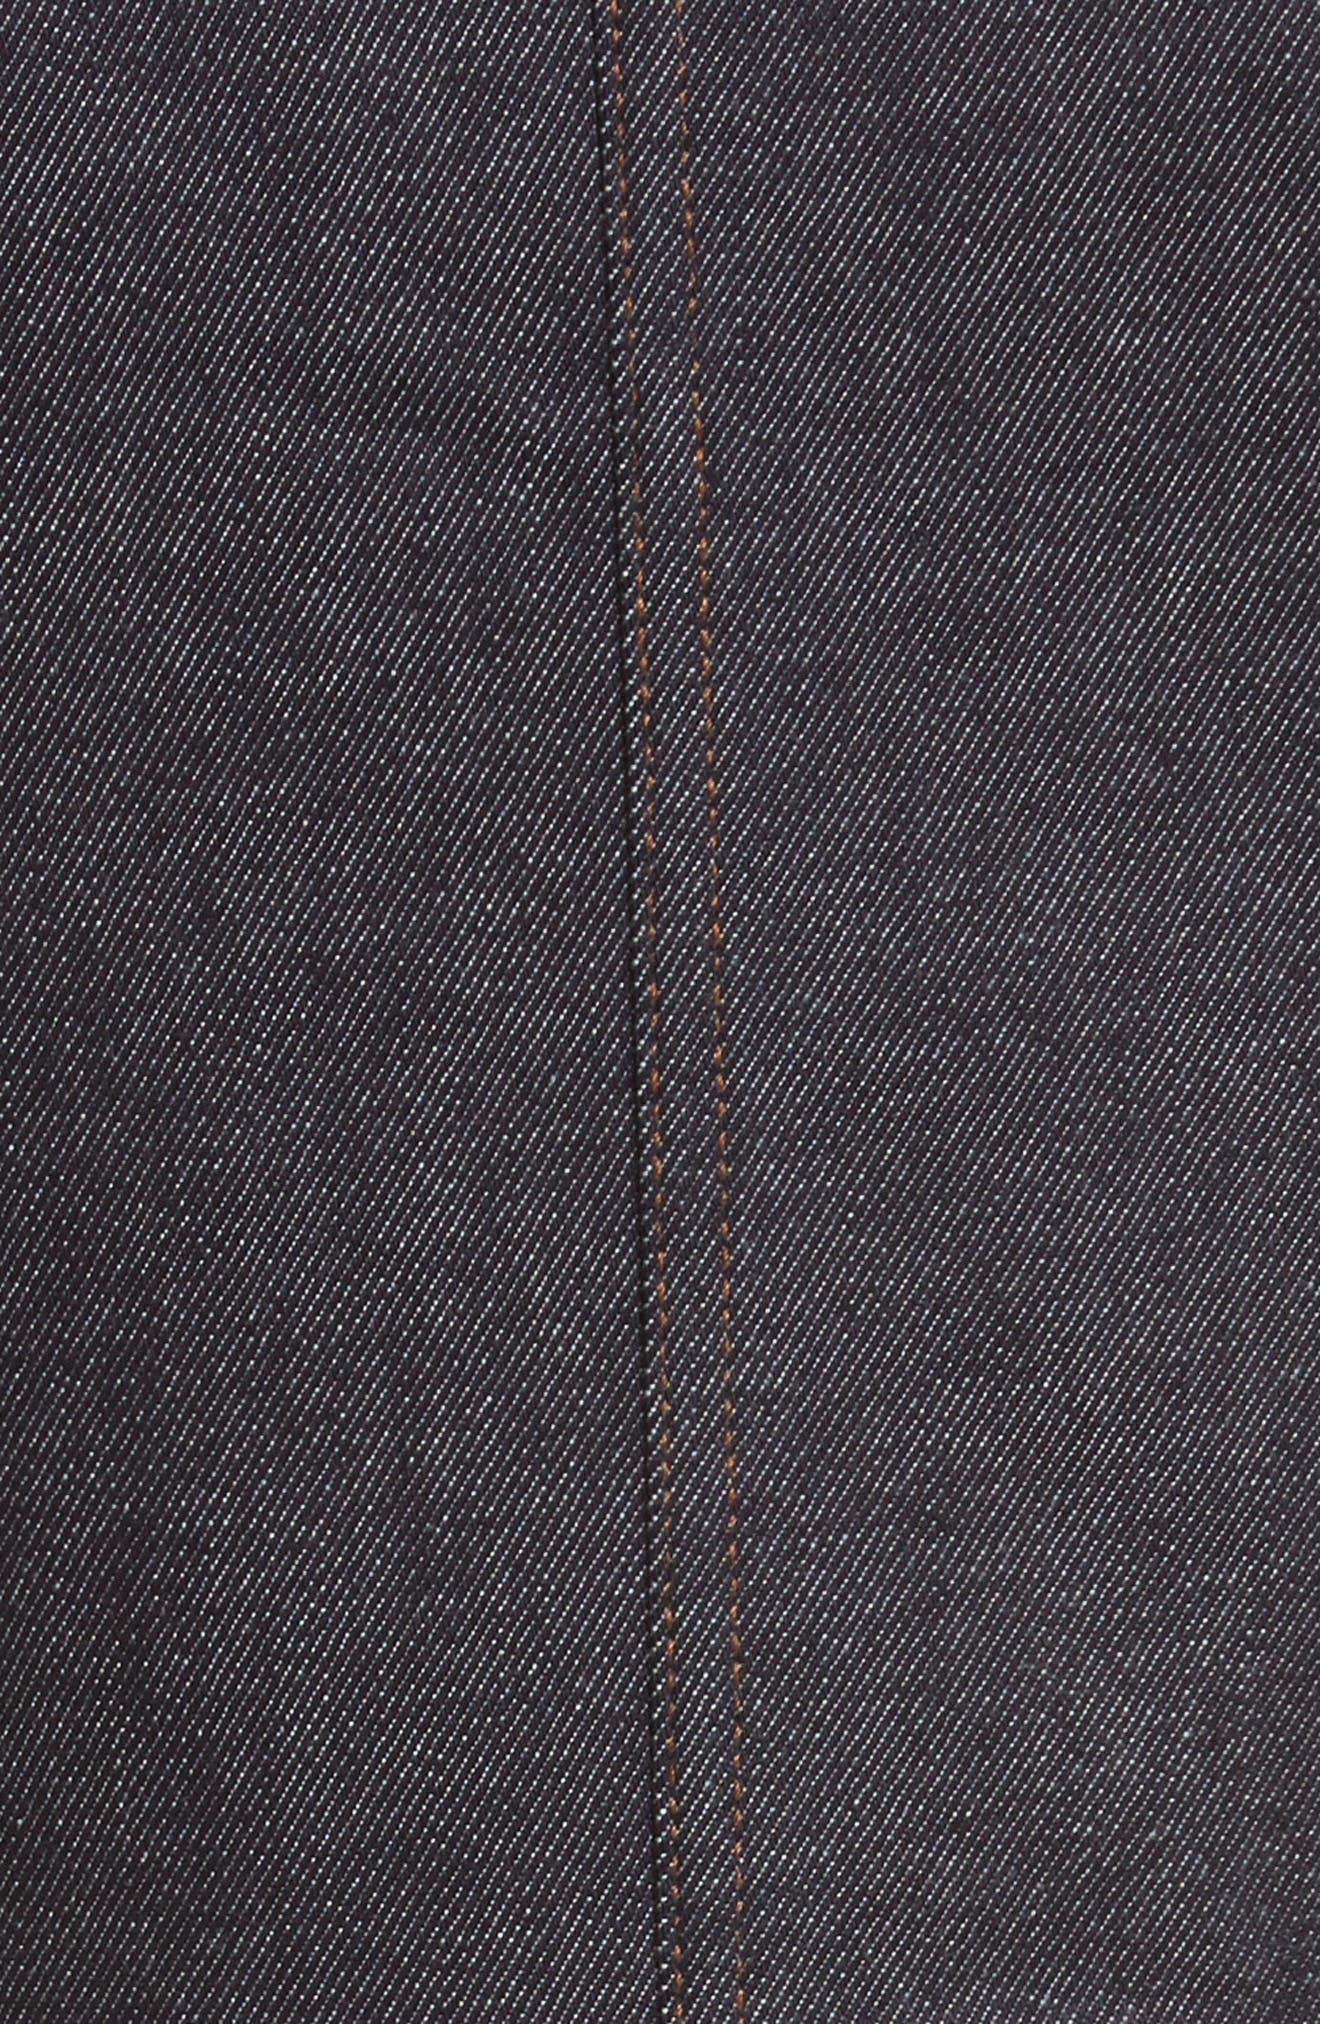 Diane von Furstenberg Front Zip Denim Dress,                             Alternate thumbnail 5, color,                             Indigo/ Black